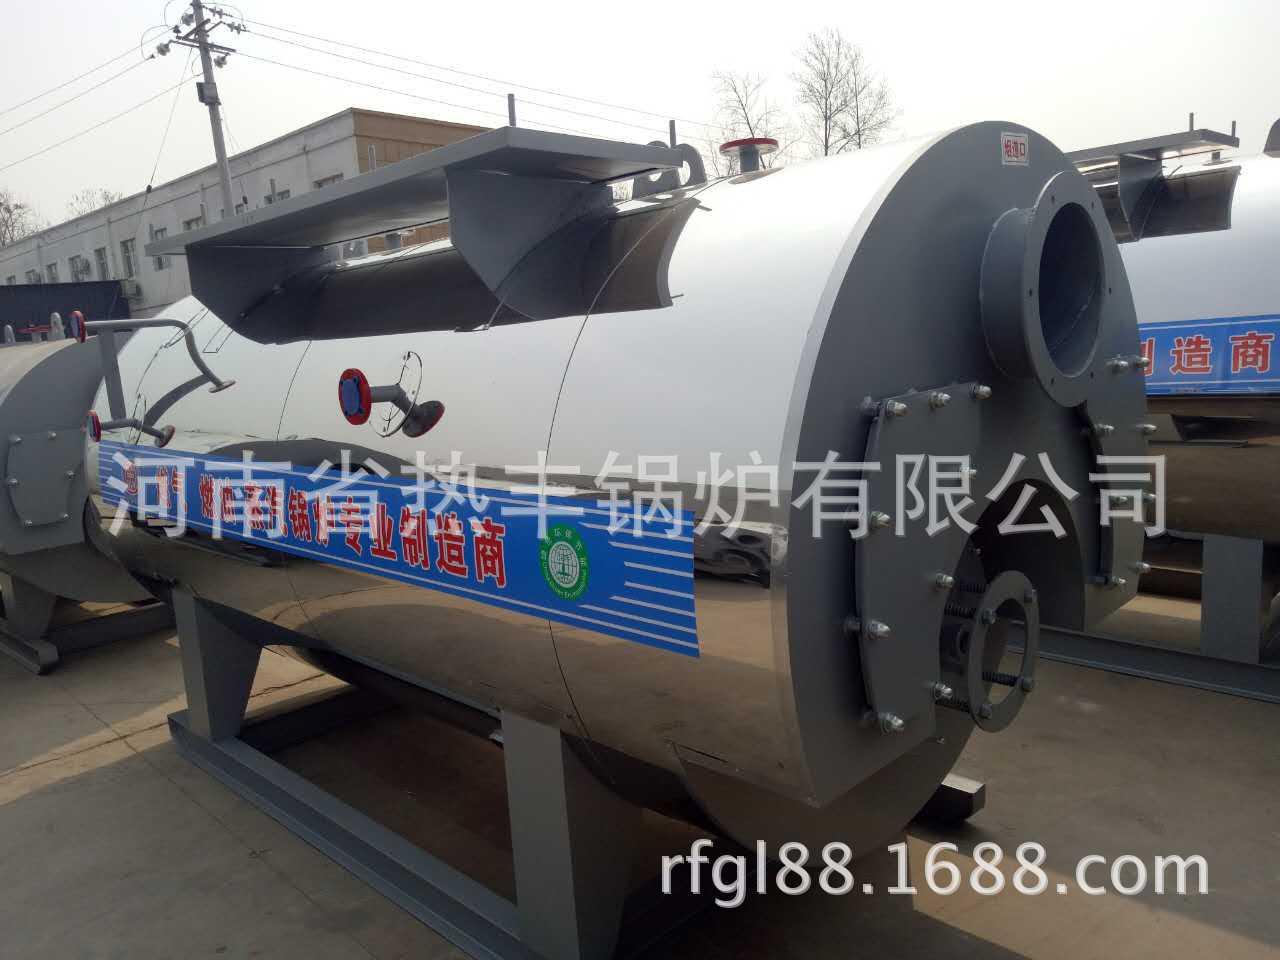 低价销售 二手1吨生物质或燃气蒸汽锅炉 节能环保示例图4